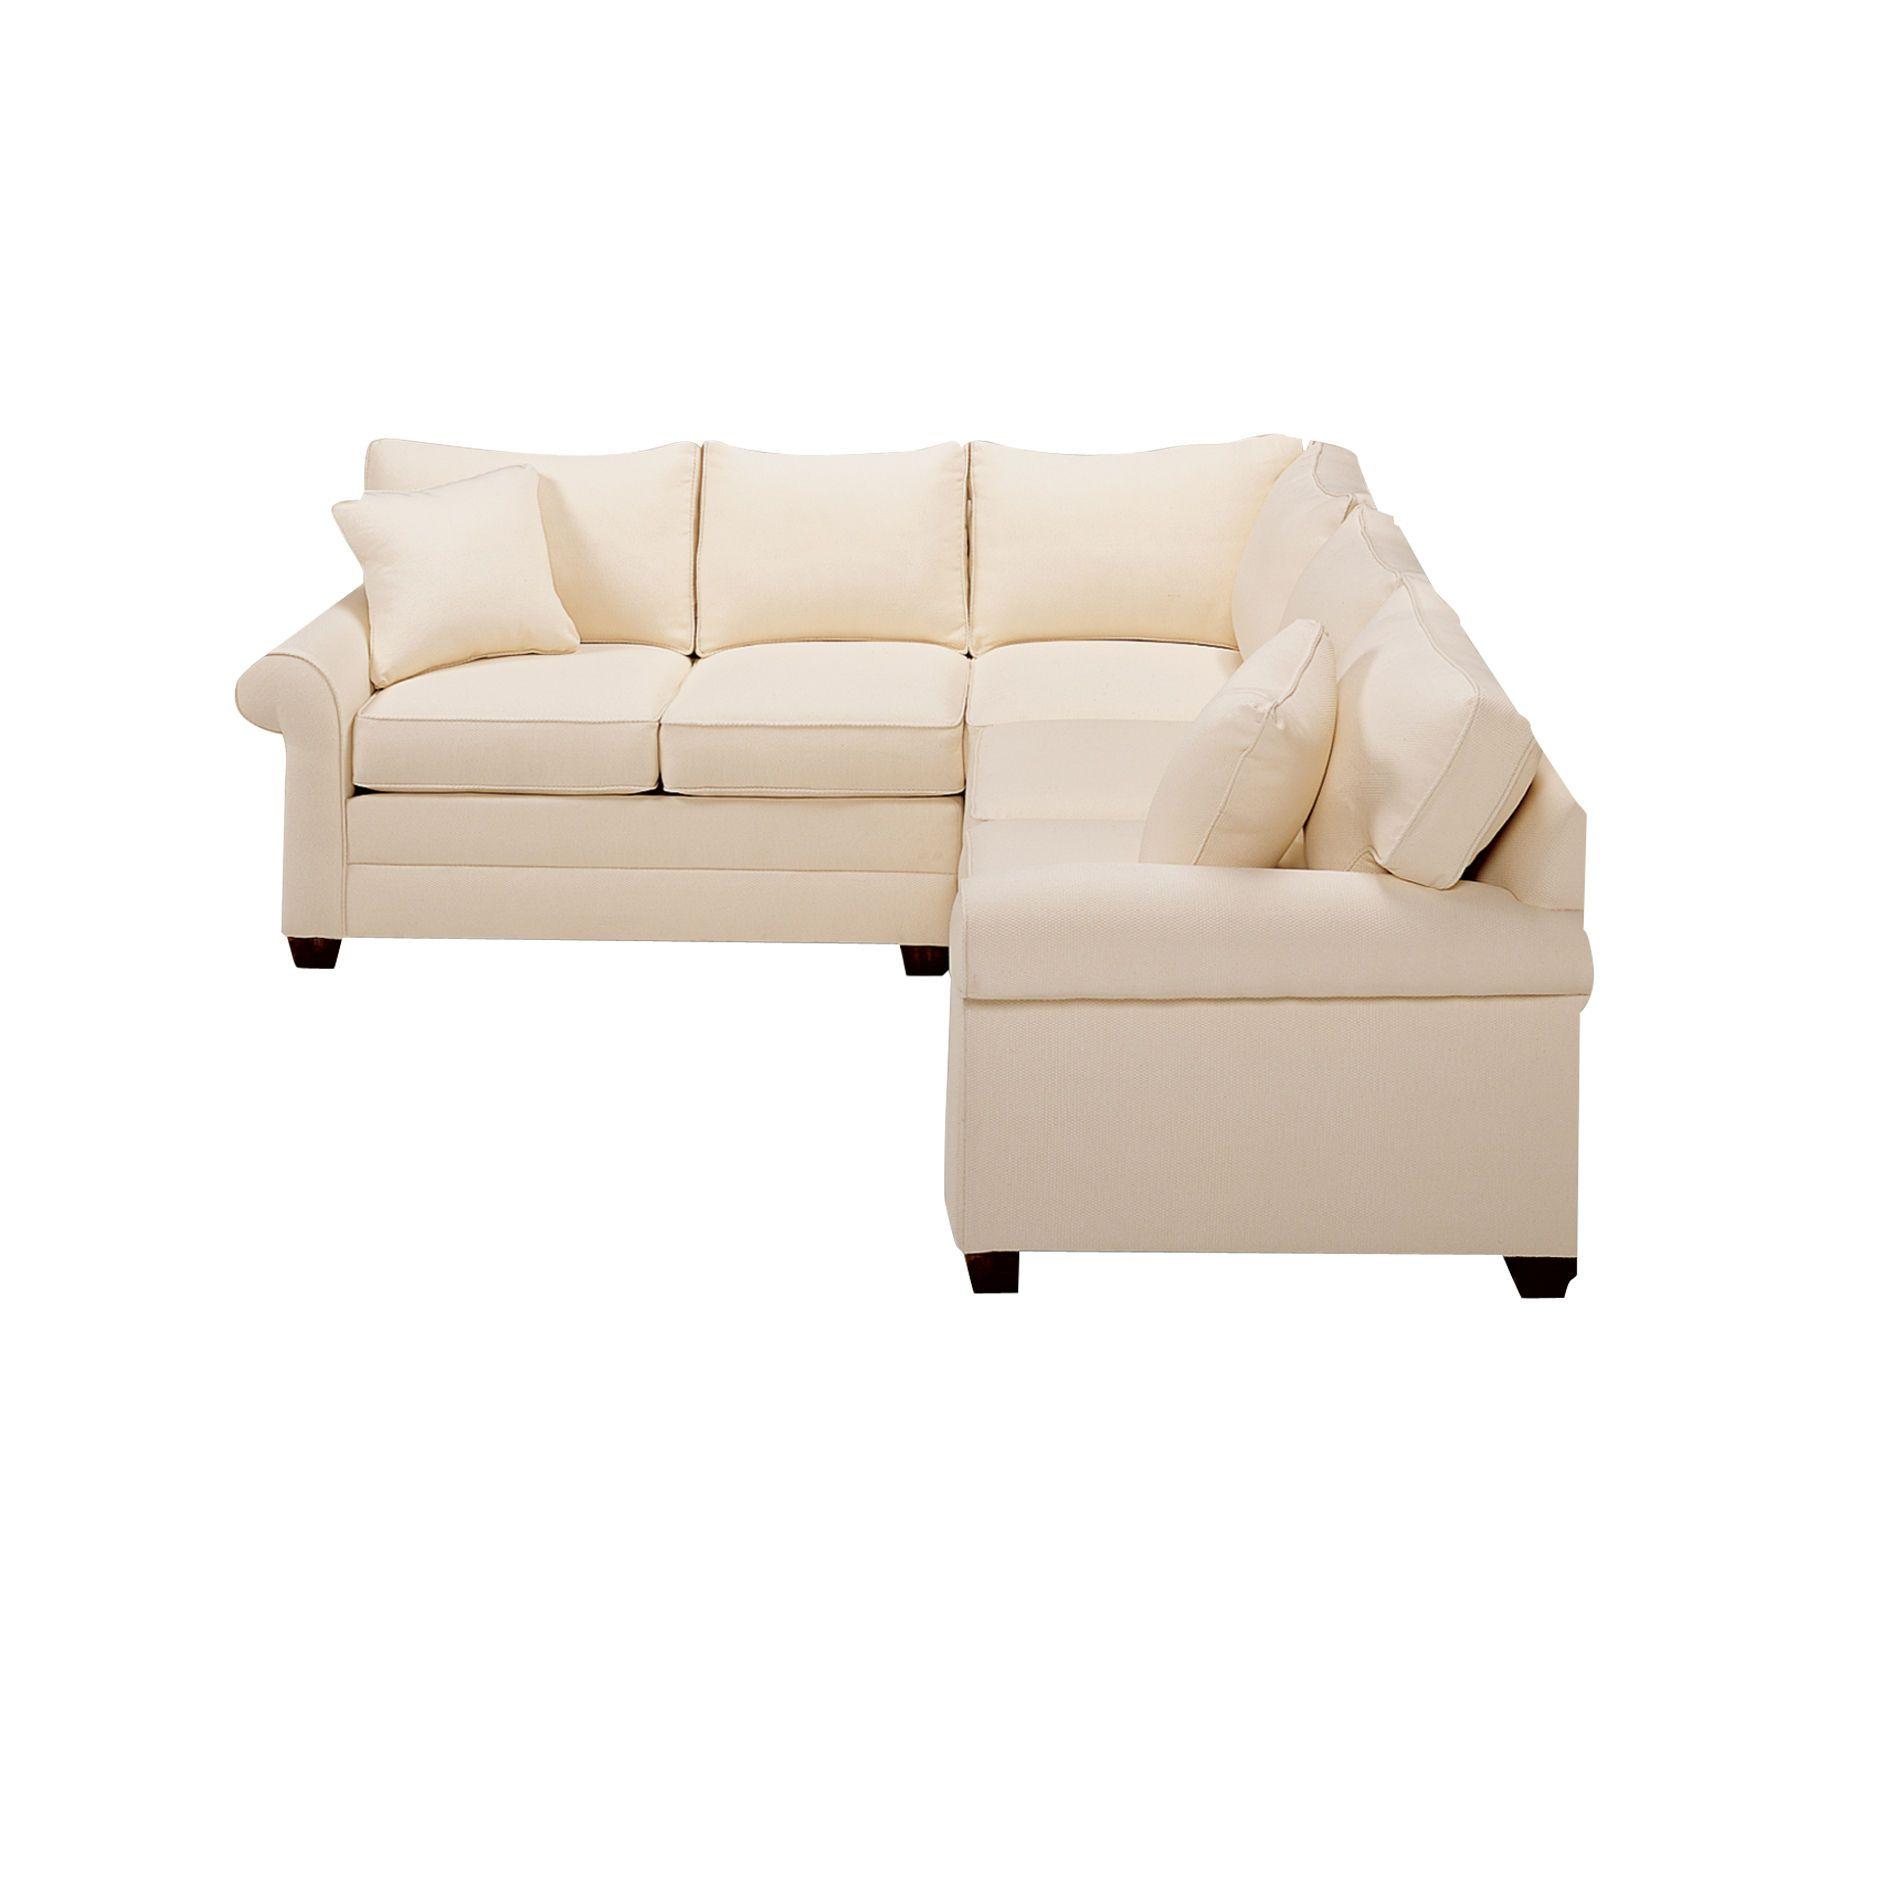 Pleasant Bennett Roll Arm Sectional Ethan Allen Us Furniture In Uwap Interior Chair Design Uwaporg